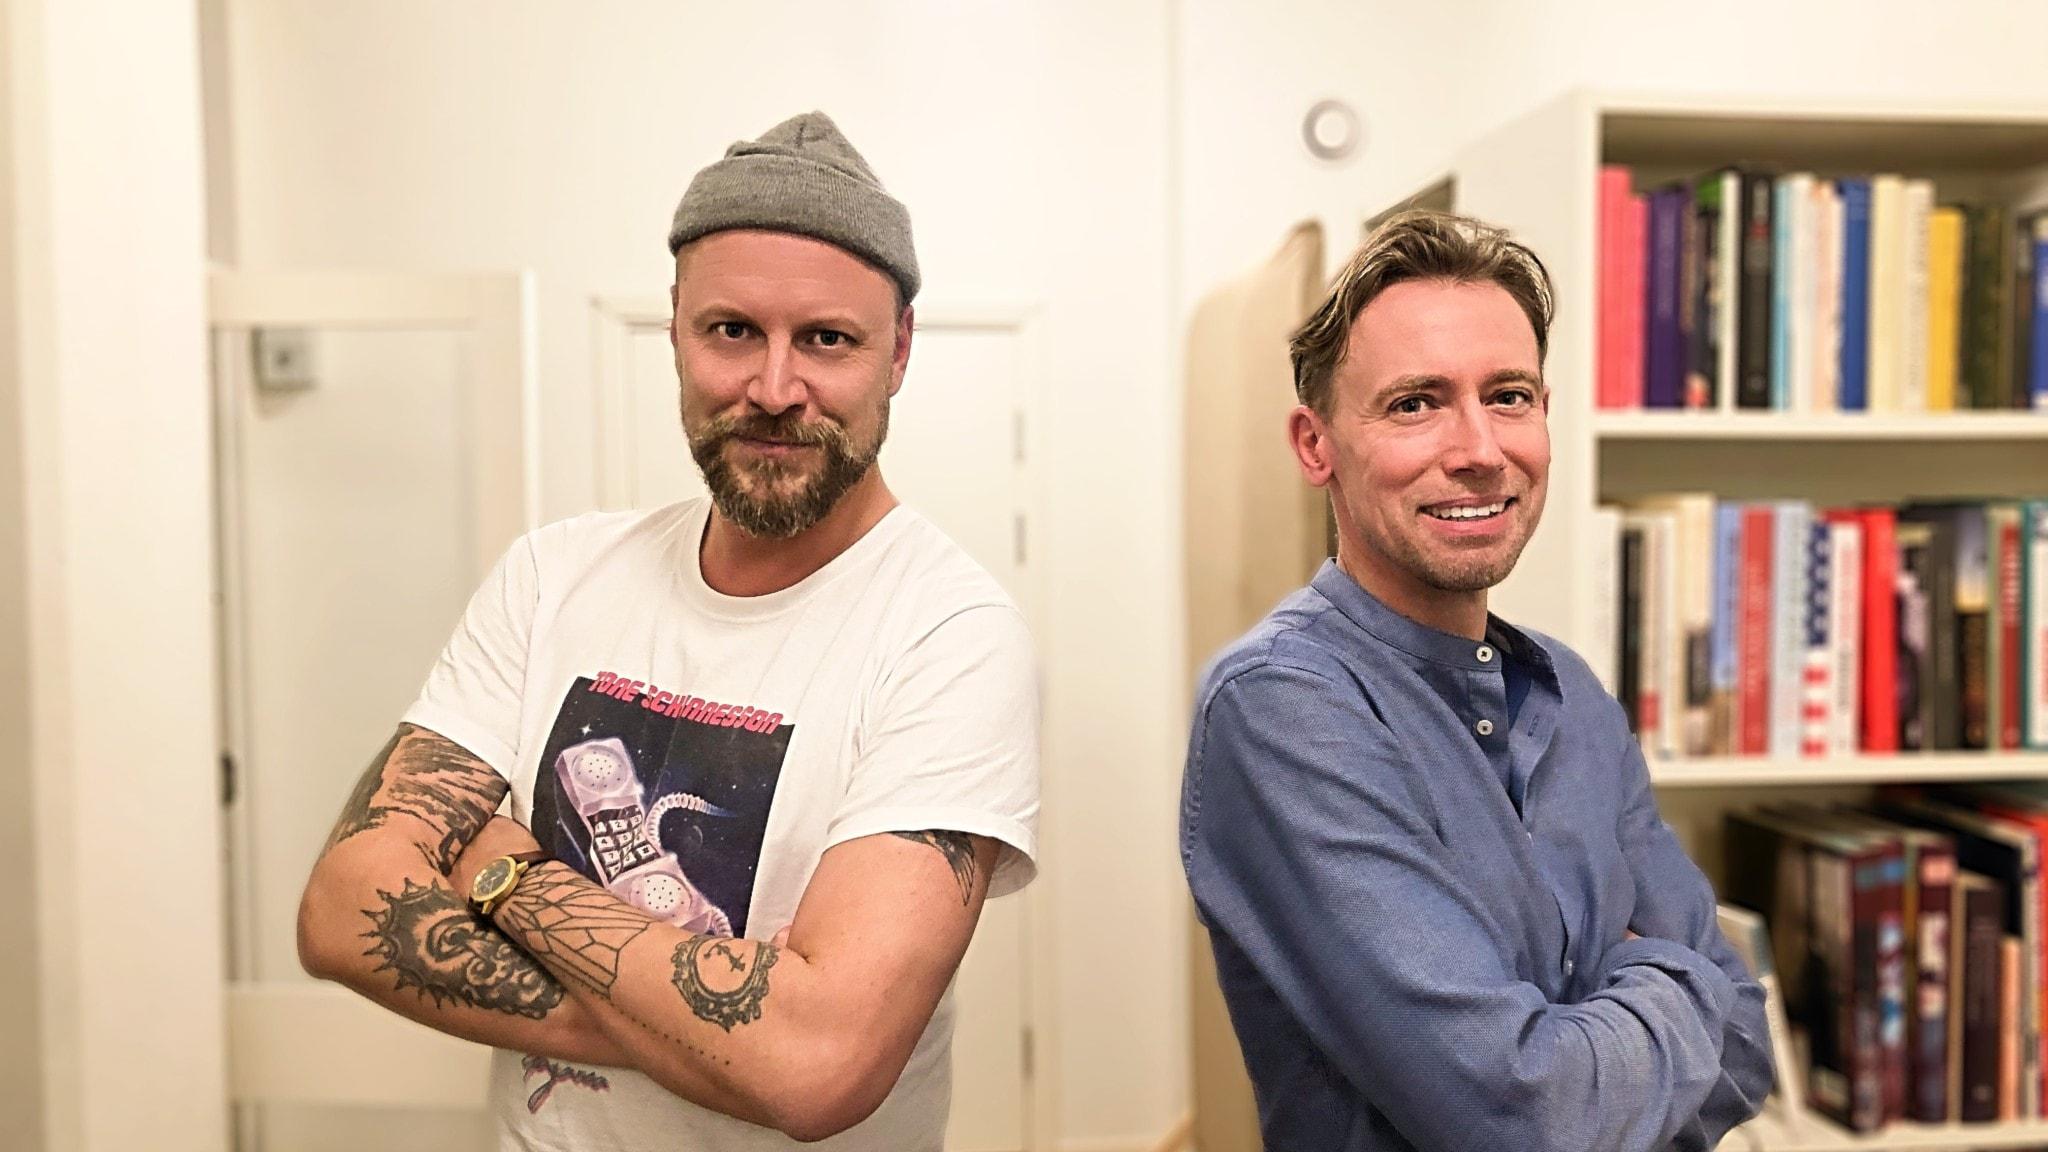 Det nalkas frågesport med gäster Hans Kristian Duran och Jonas Samuelsson